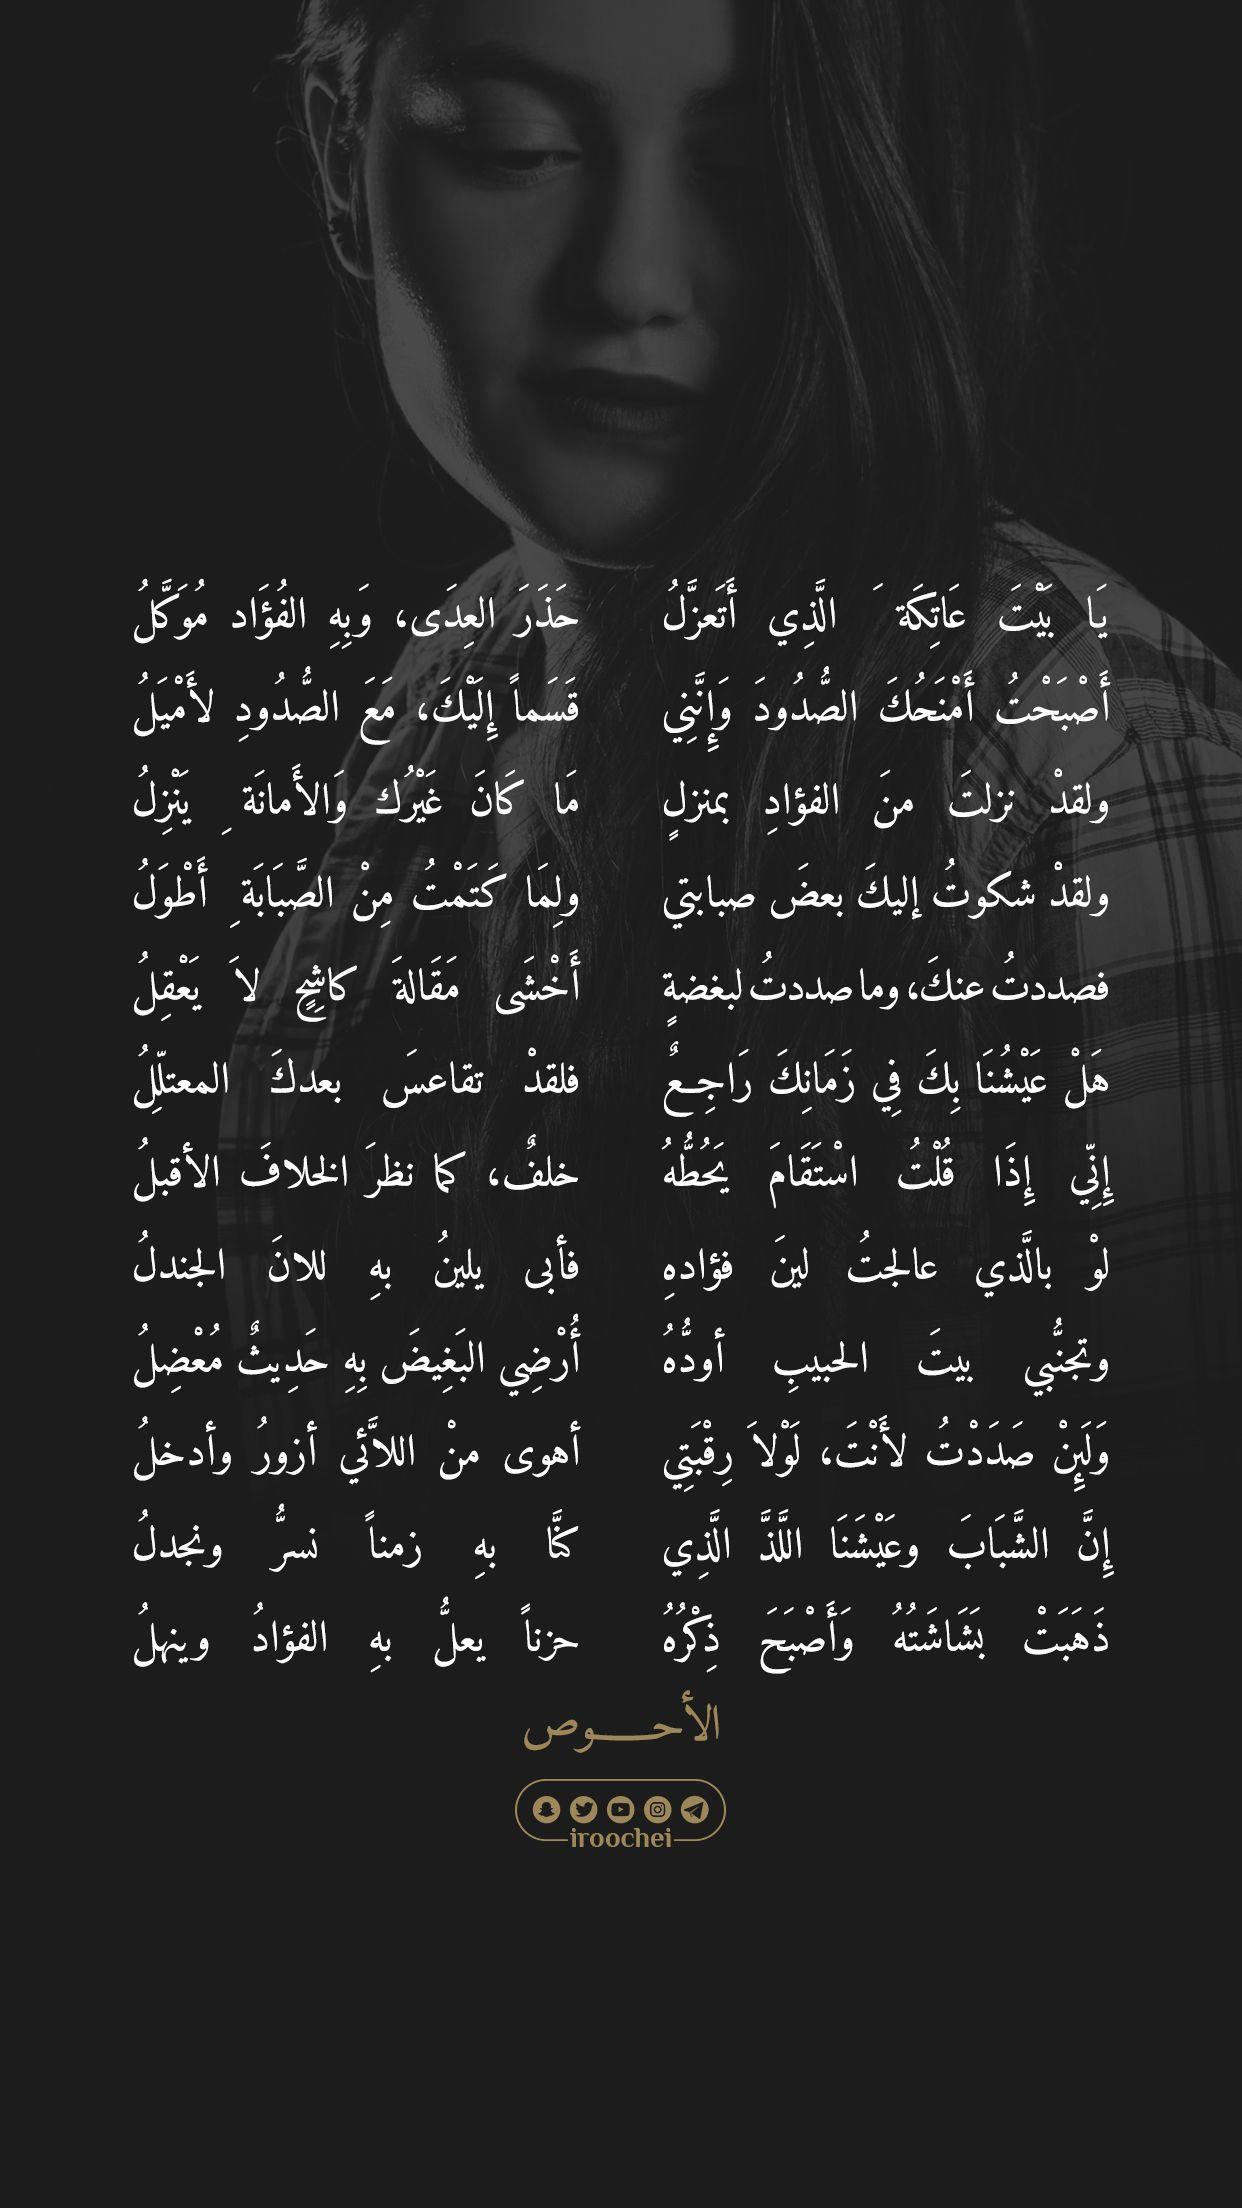 يا بيت عاتكة التي أتعز ل Weird Words Beautiful Arabic Words Quran Quotes Verses